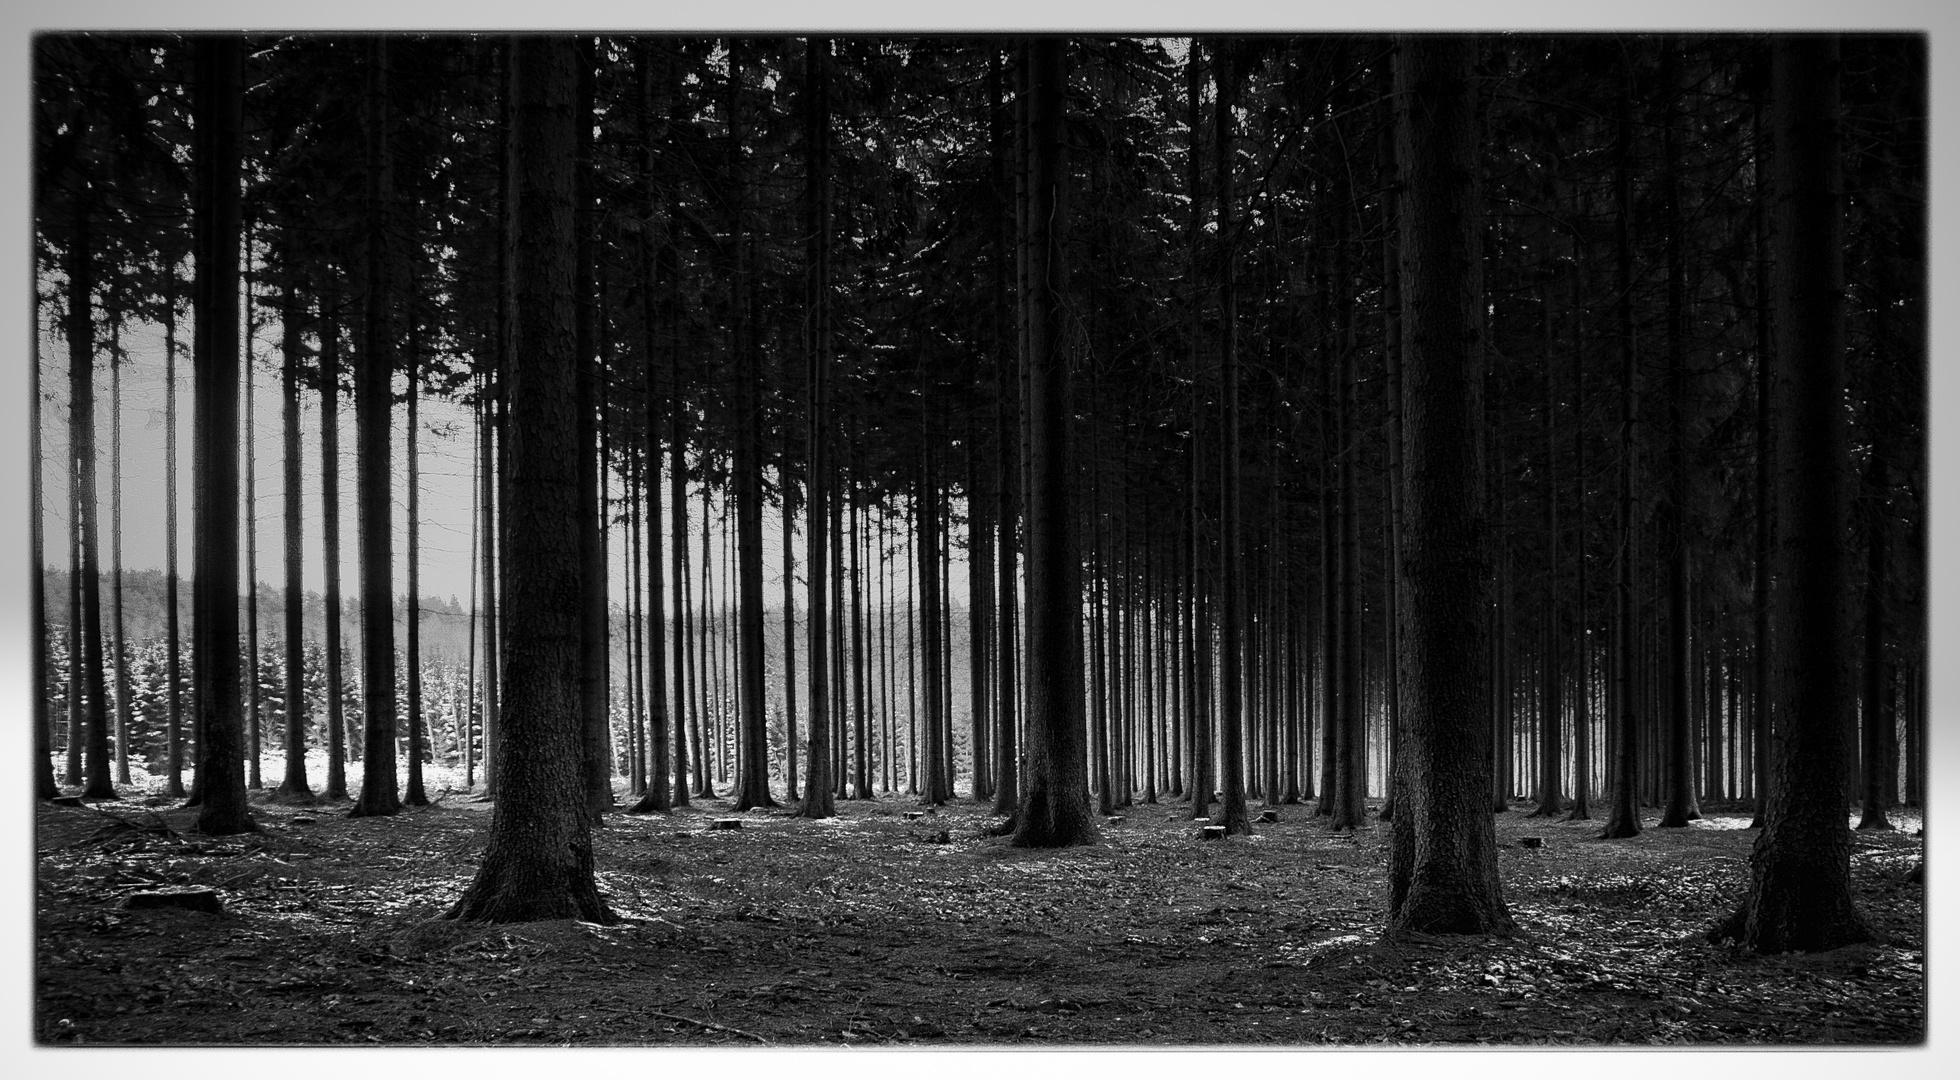 Wald s/w